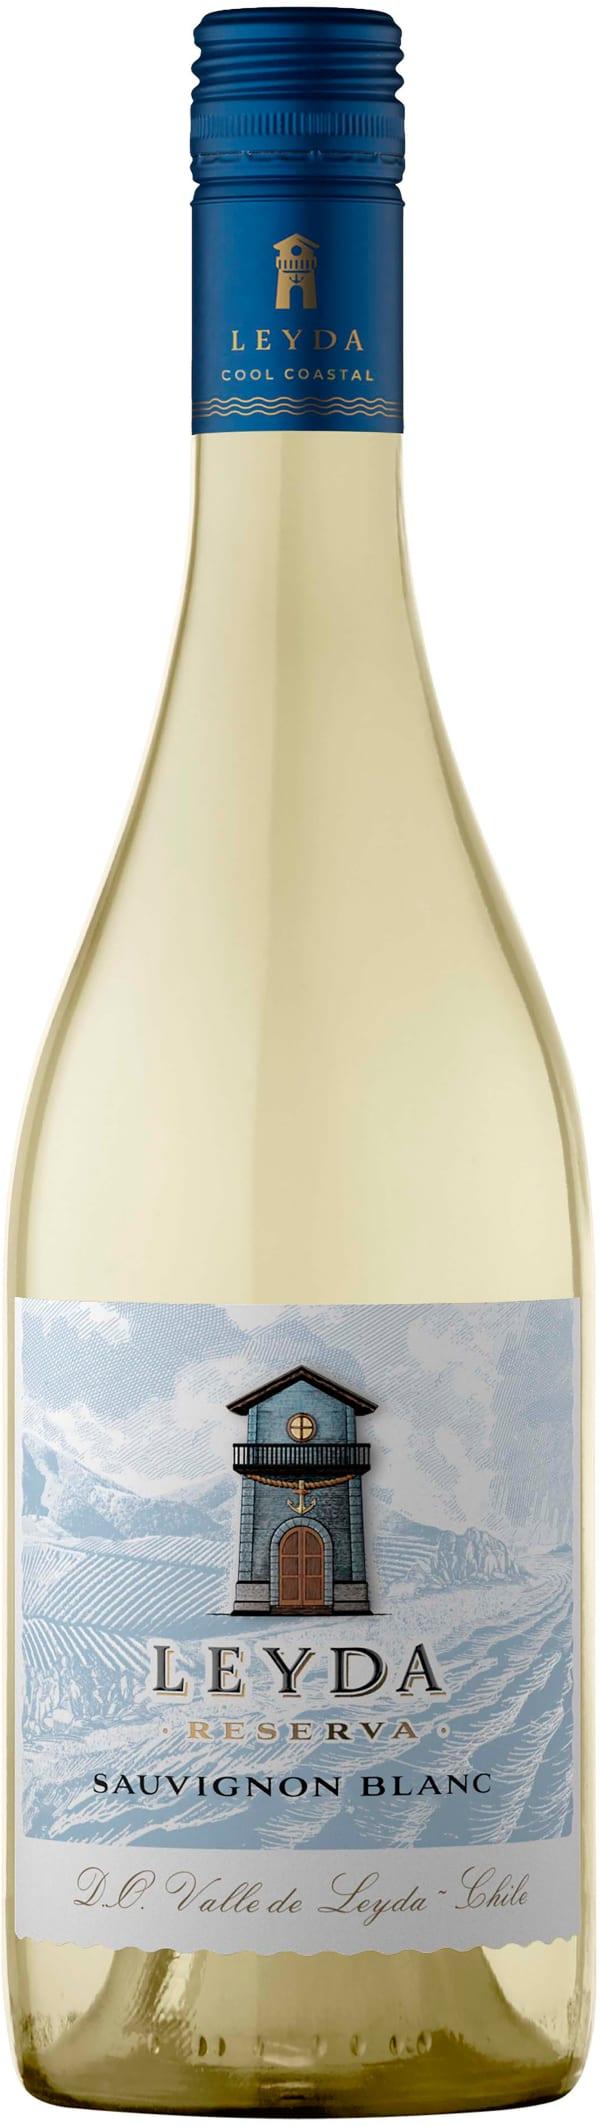 Leyda Reserva Sauvignon Blanc 2019